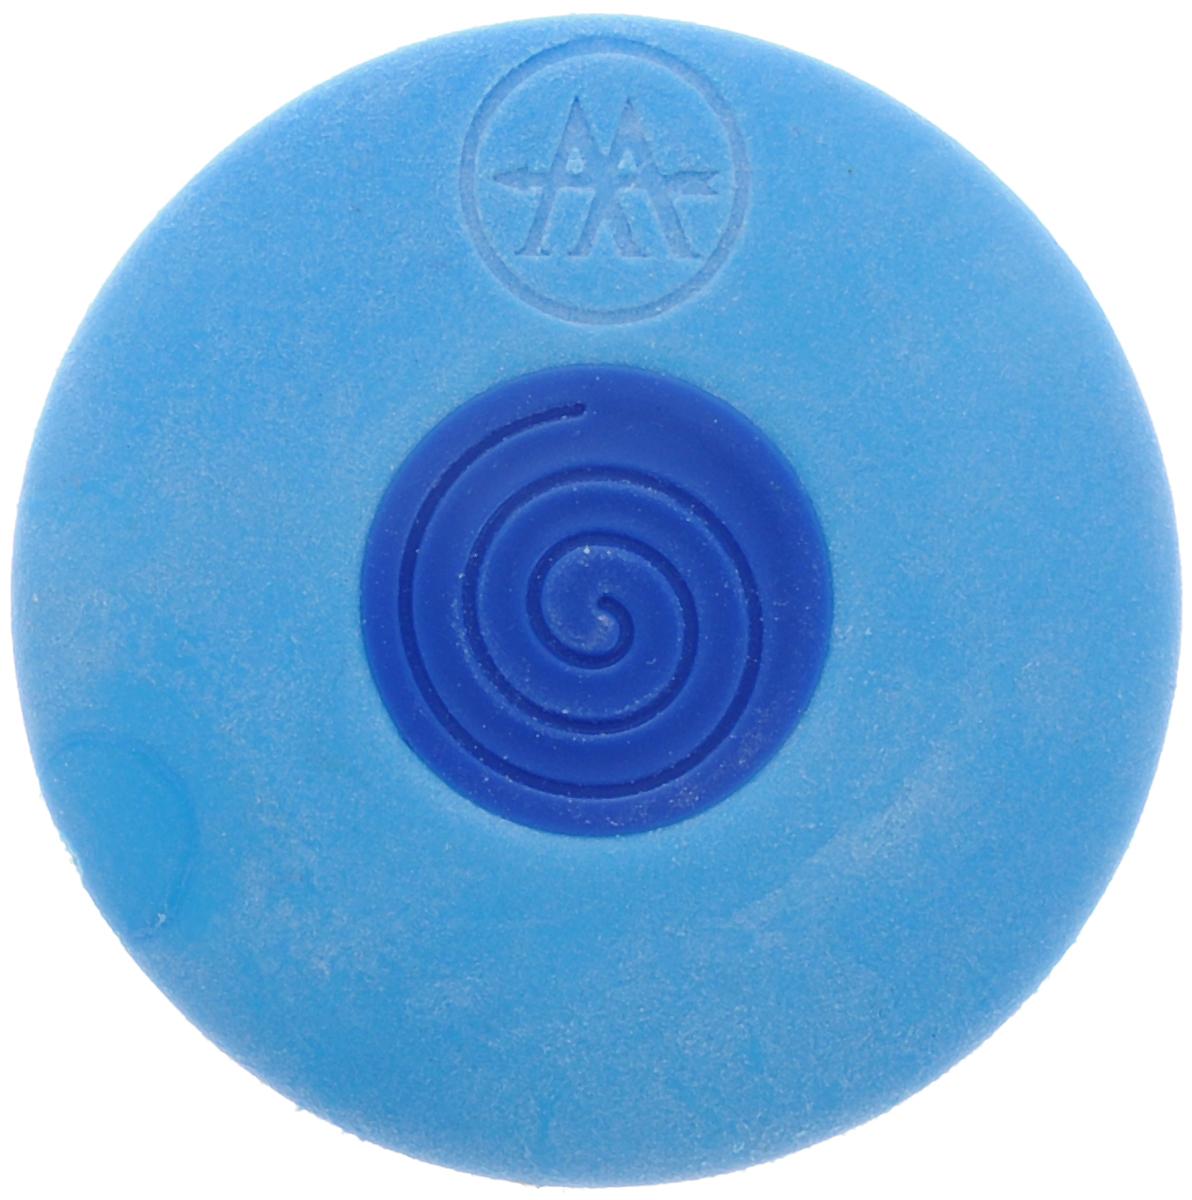 Westcott Ластик с антибактериальным покрытием цвет голубойFS-36054Нас окружает огромное количество бактерий, многие из которых не безопасны, поэтому все большее число товаров выпускается со встроенной антибактериальной защитой.Яркий, двухцветный ластик со встроенной антибактериальной защитой Microban легко и без следа удаляет надписи, сделанные карандашом. Для более точного удаления имеет заостренные края. Эффективность защиты Microban подтверждена множеством лабораторных исследований по всему миру. Эффективен против широкого спектра грамположительных и грамотрицательных бактерий и грибков, таких как: сальмонелла, золотистый стафилококк и другие, которые вызывают заболевания, сопровождающиеся расстройством кишечника и грибковыми заболевания. (Всего около 100 микроорганизмов).Ластик сохраняет свои свойства после мытья и в случае механического повреждения изделия. Антибактериальные свойства не исчезают со временем и не снижают свою эффективность. Microban абсолютно безвреден для людей и животных, не вызывает аллергии.